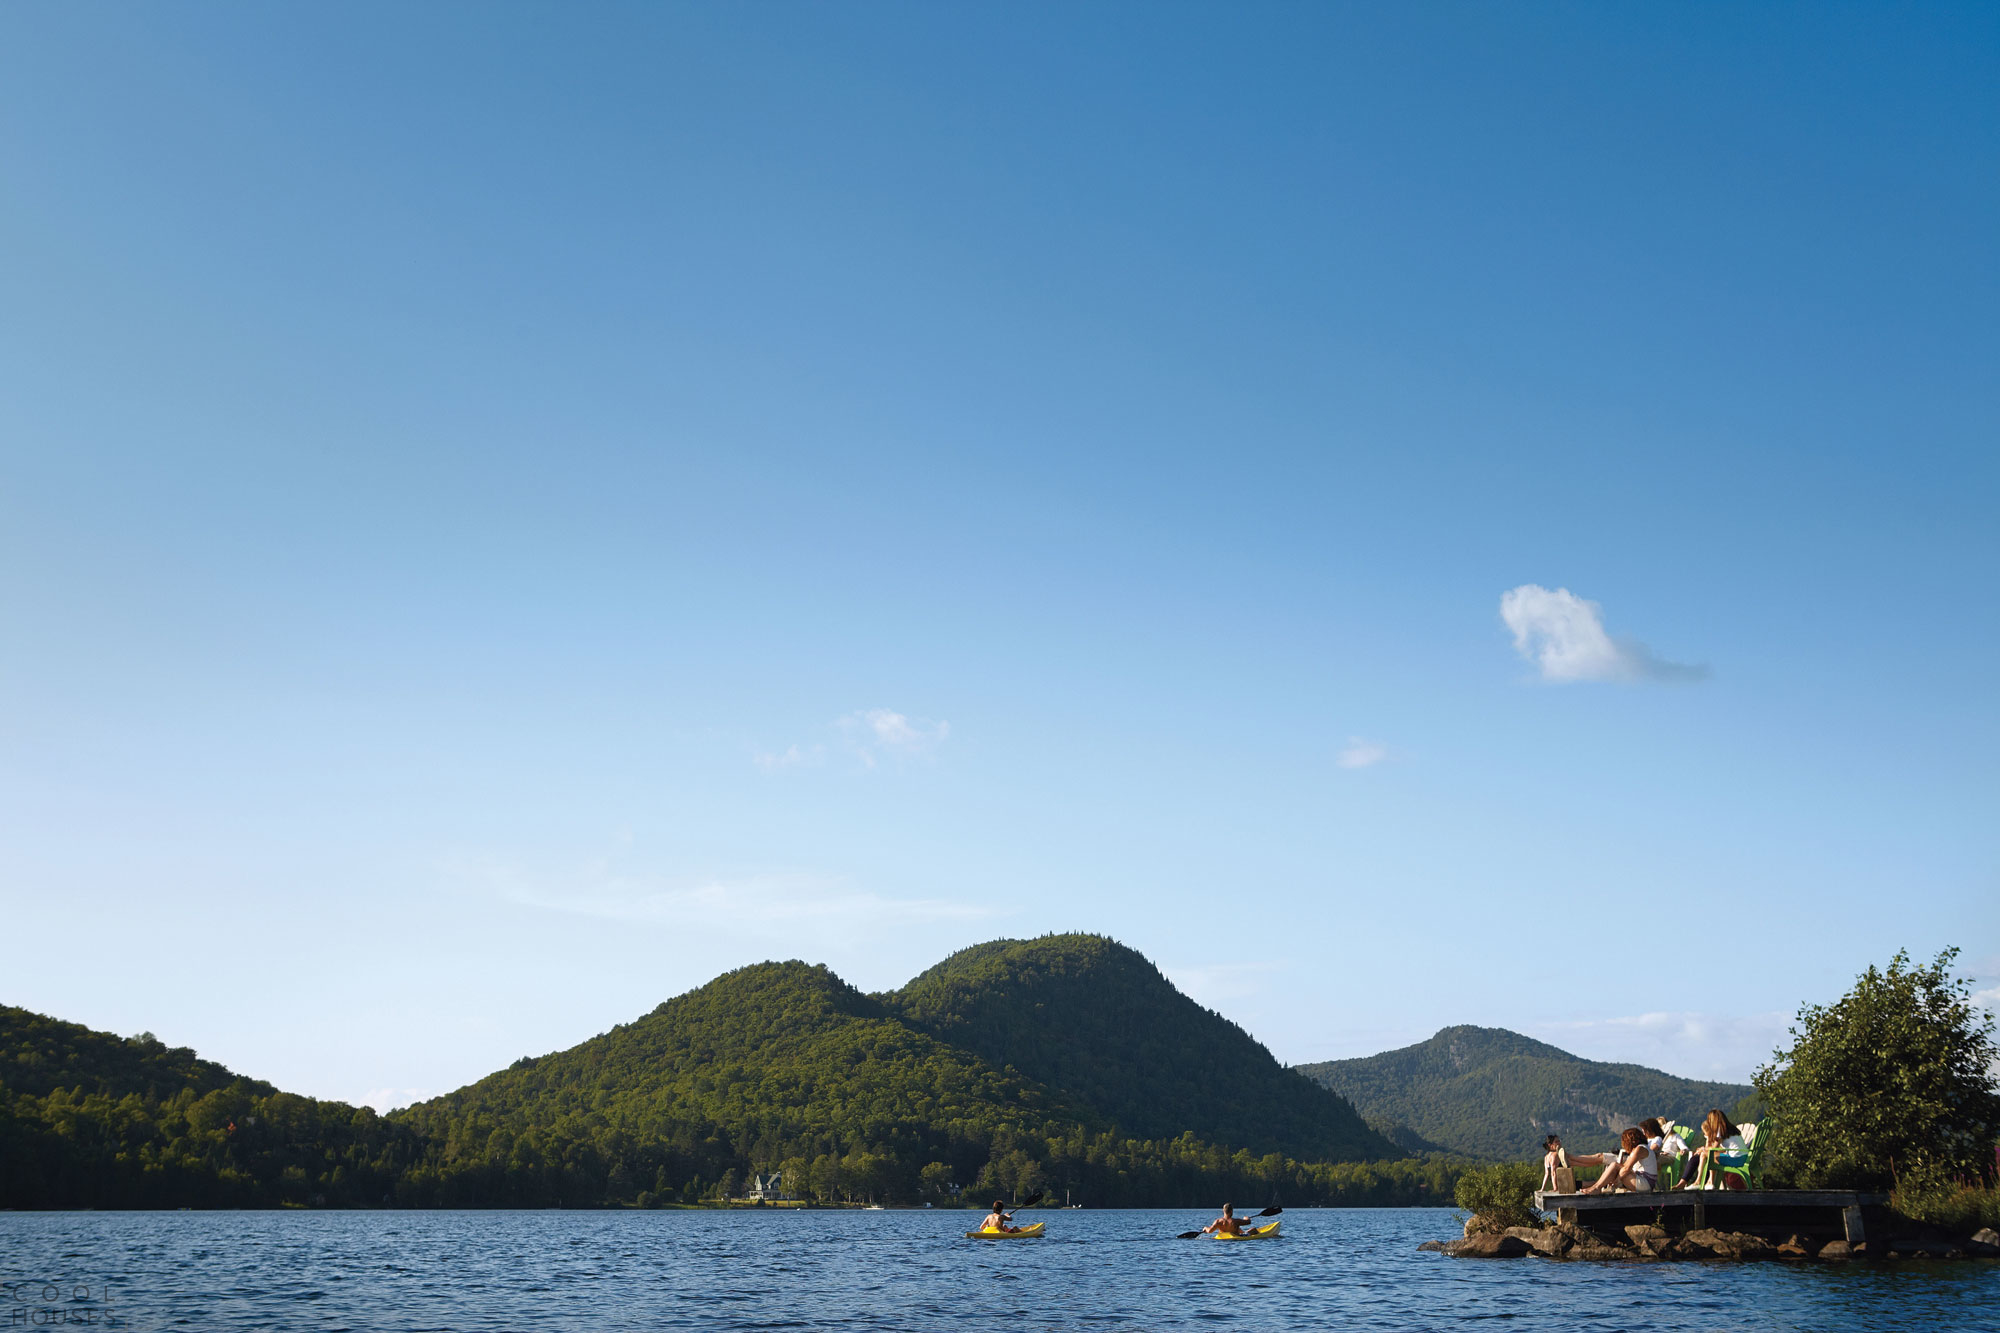 Загородные дома на берегу озера в горнолыжном курорте Лак-Супериор